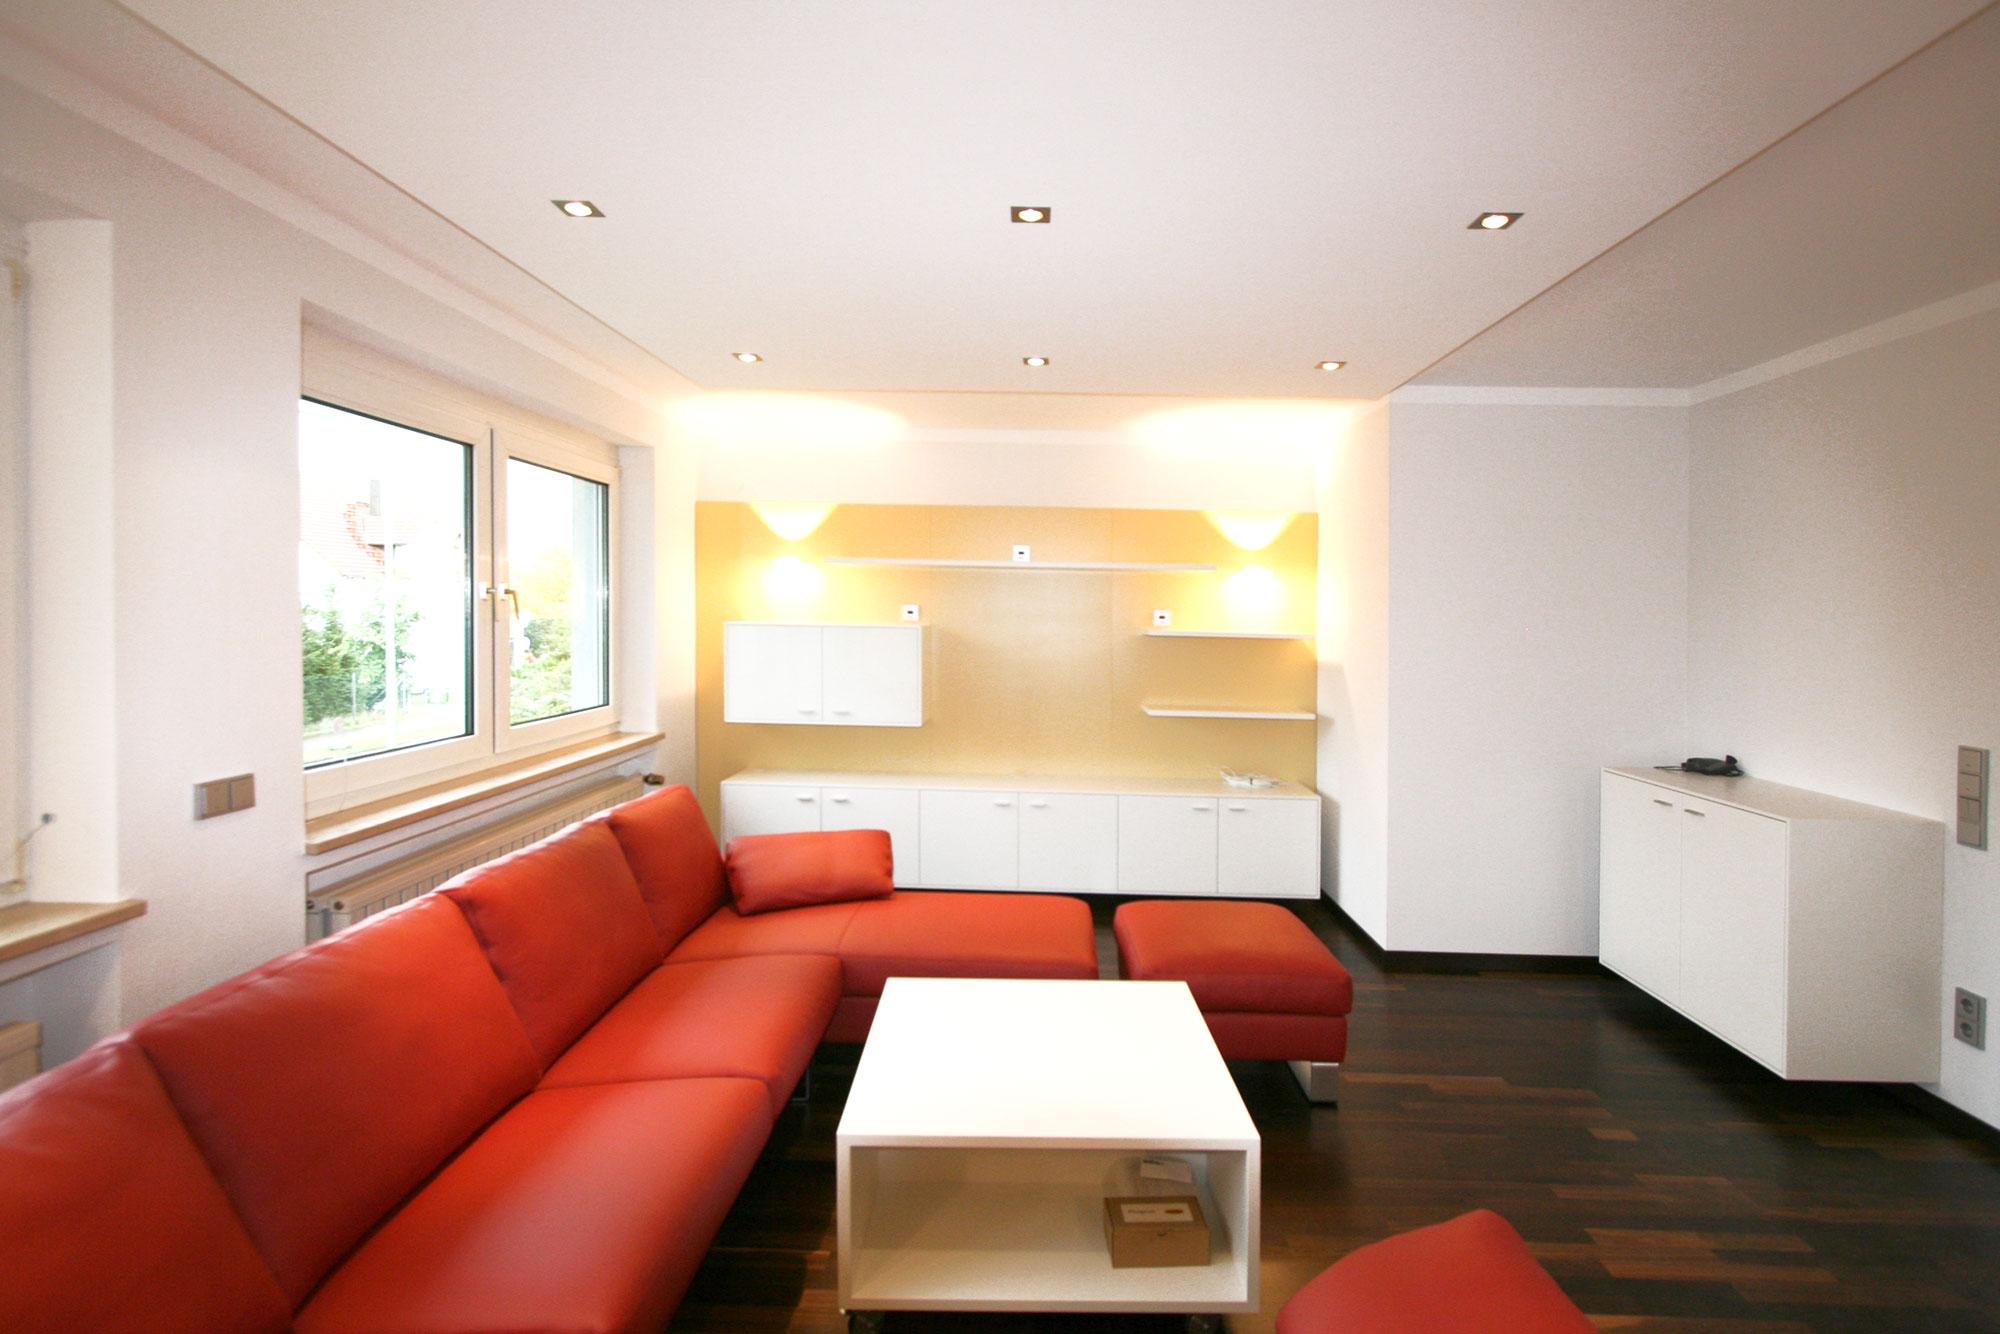 Zimmer Wohnung M Ef Bf Bdnchen